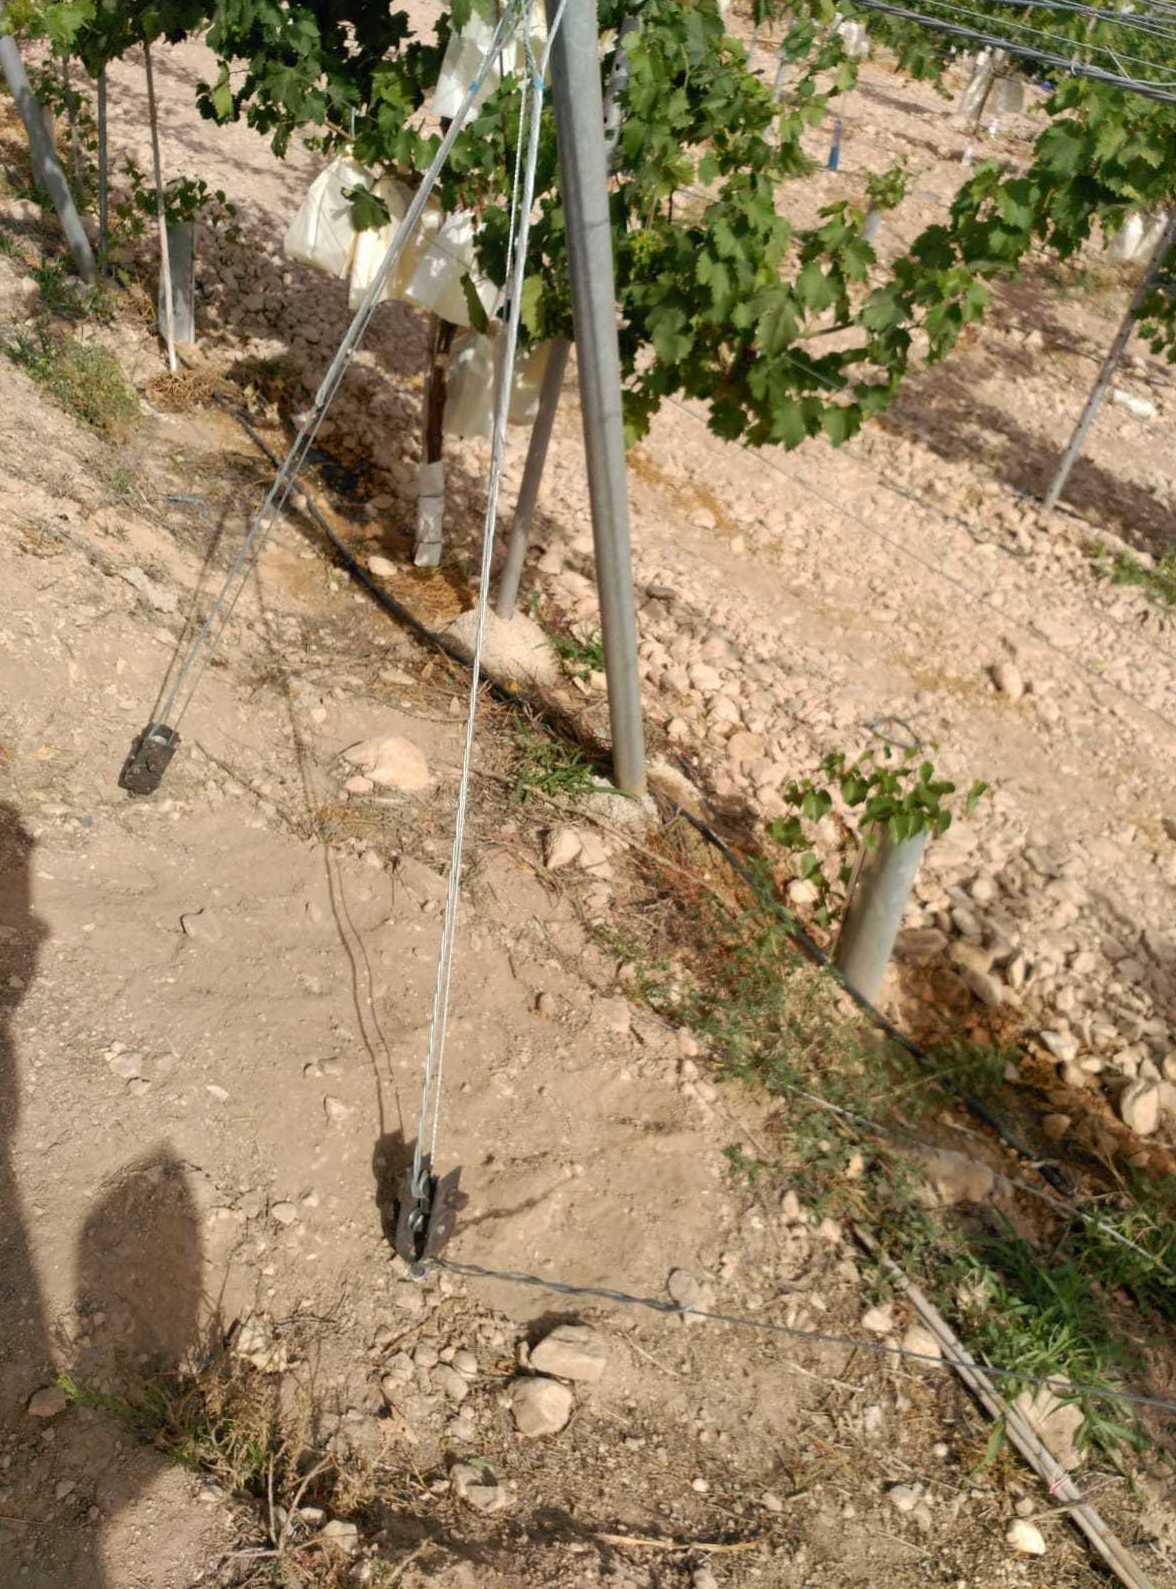 Foto 2 de Infraestructuras y trabajos agrícolas en La Murada – Orihuela | Mantenimiento y Estructuras Agrícolas Mateo e Hijo, S.L.